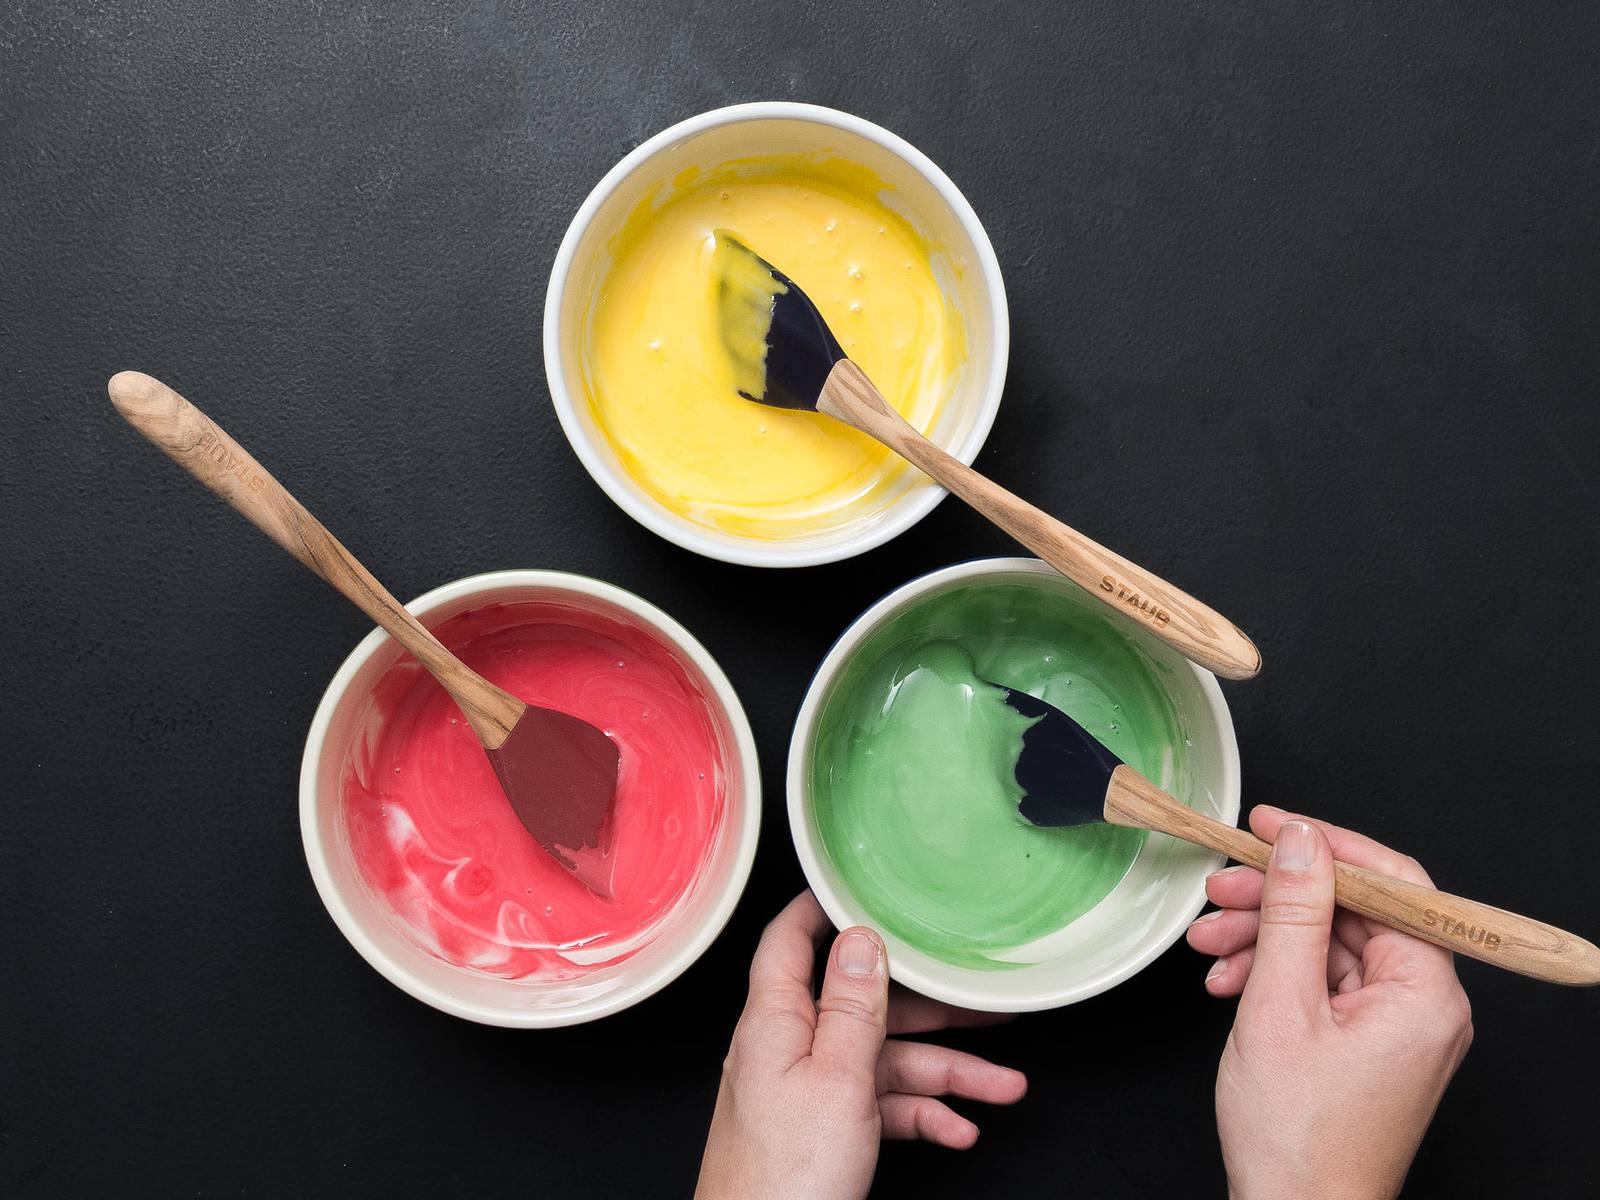 In der Zwischenzeit Puderzucker, Wasser und Zitronensaft zu einer dickflüssigen Glasur verrühren. Sie sollte sehr langsam vom Löffel laufen. Wenn die Glasur zu dick ist, etwas Wasser dazugeben bis die gewünschte Konsistenz erreicht ist. Glasur auf drei Schüsseln aufteilen und den Inhalt jeder Schüssel mit einer anderen Lebensmittelfarbe einfärben. Jede Glasur in einen eigenen Spritzbeutel mit Tülle füllen.